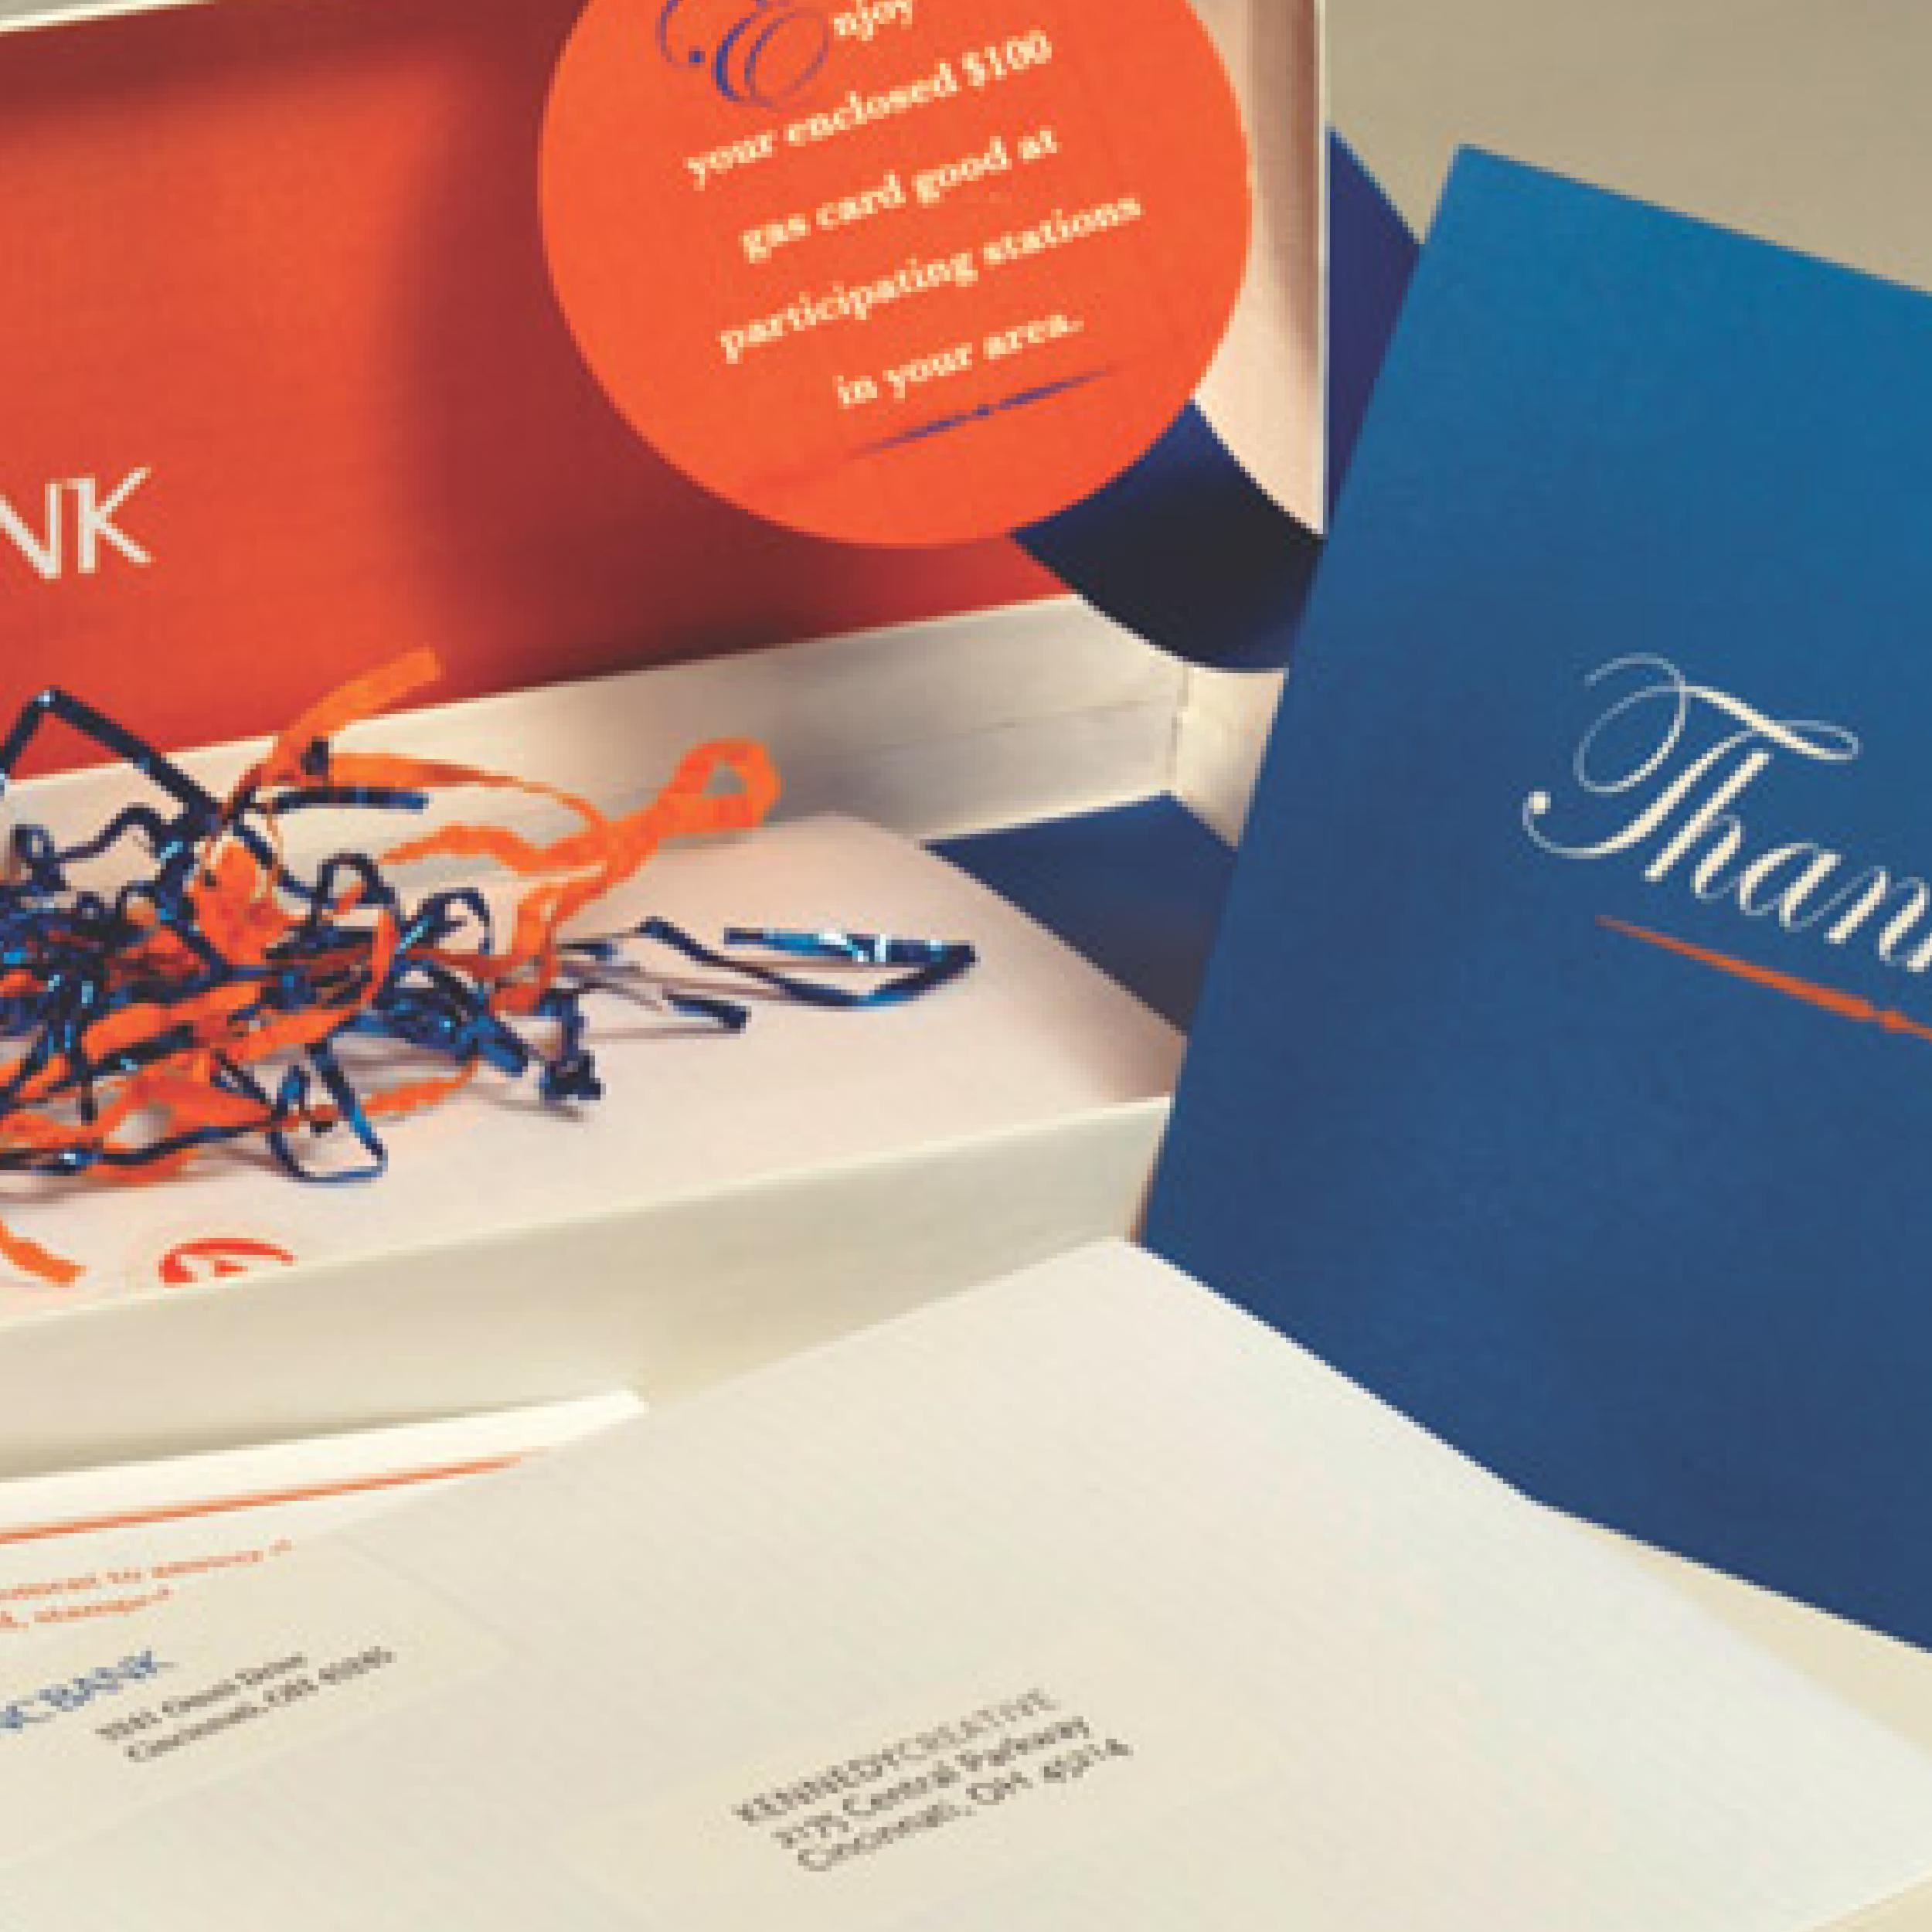 PNC | BANK   LOYALTY PROGRAM YIELDS 67% RESPONSE RATE